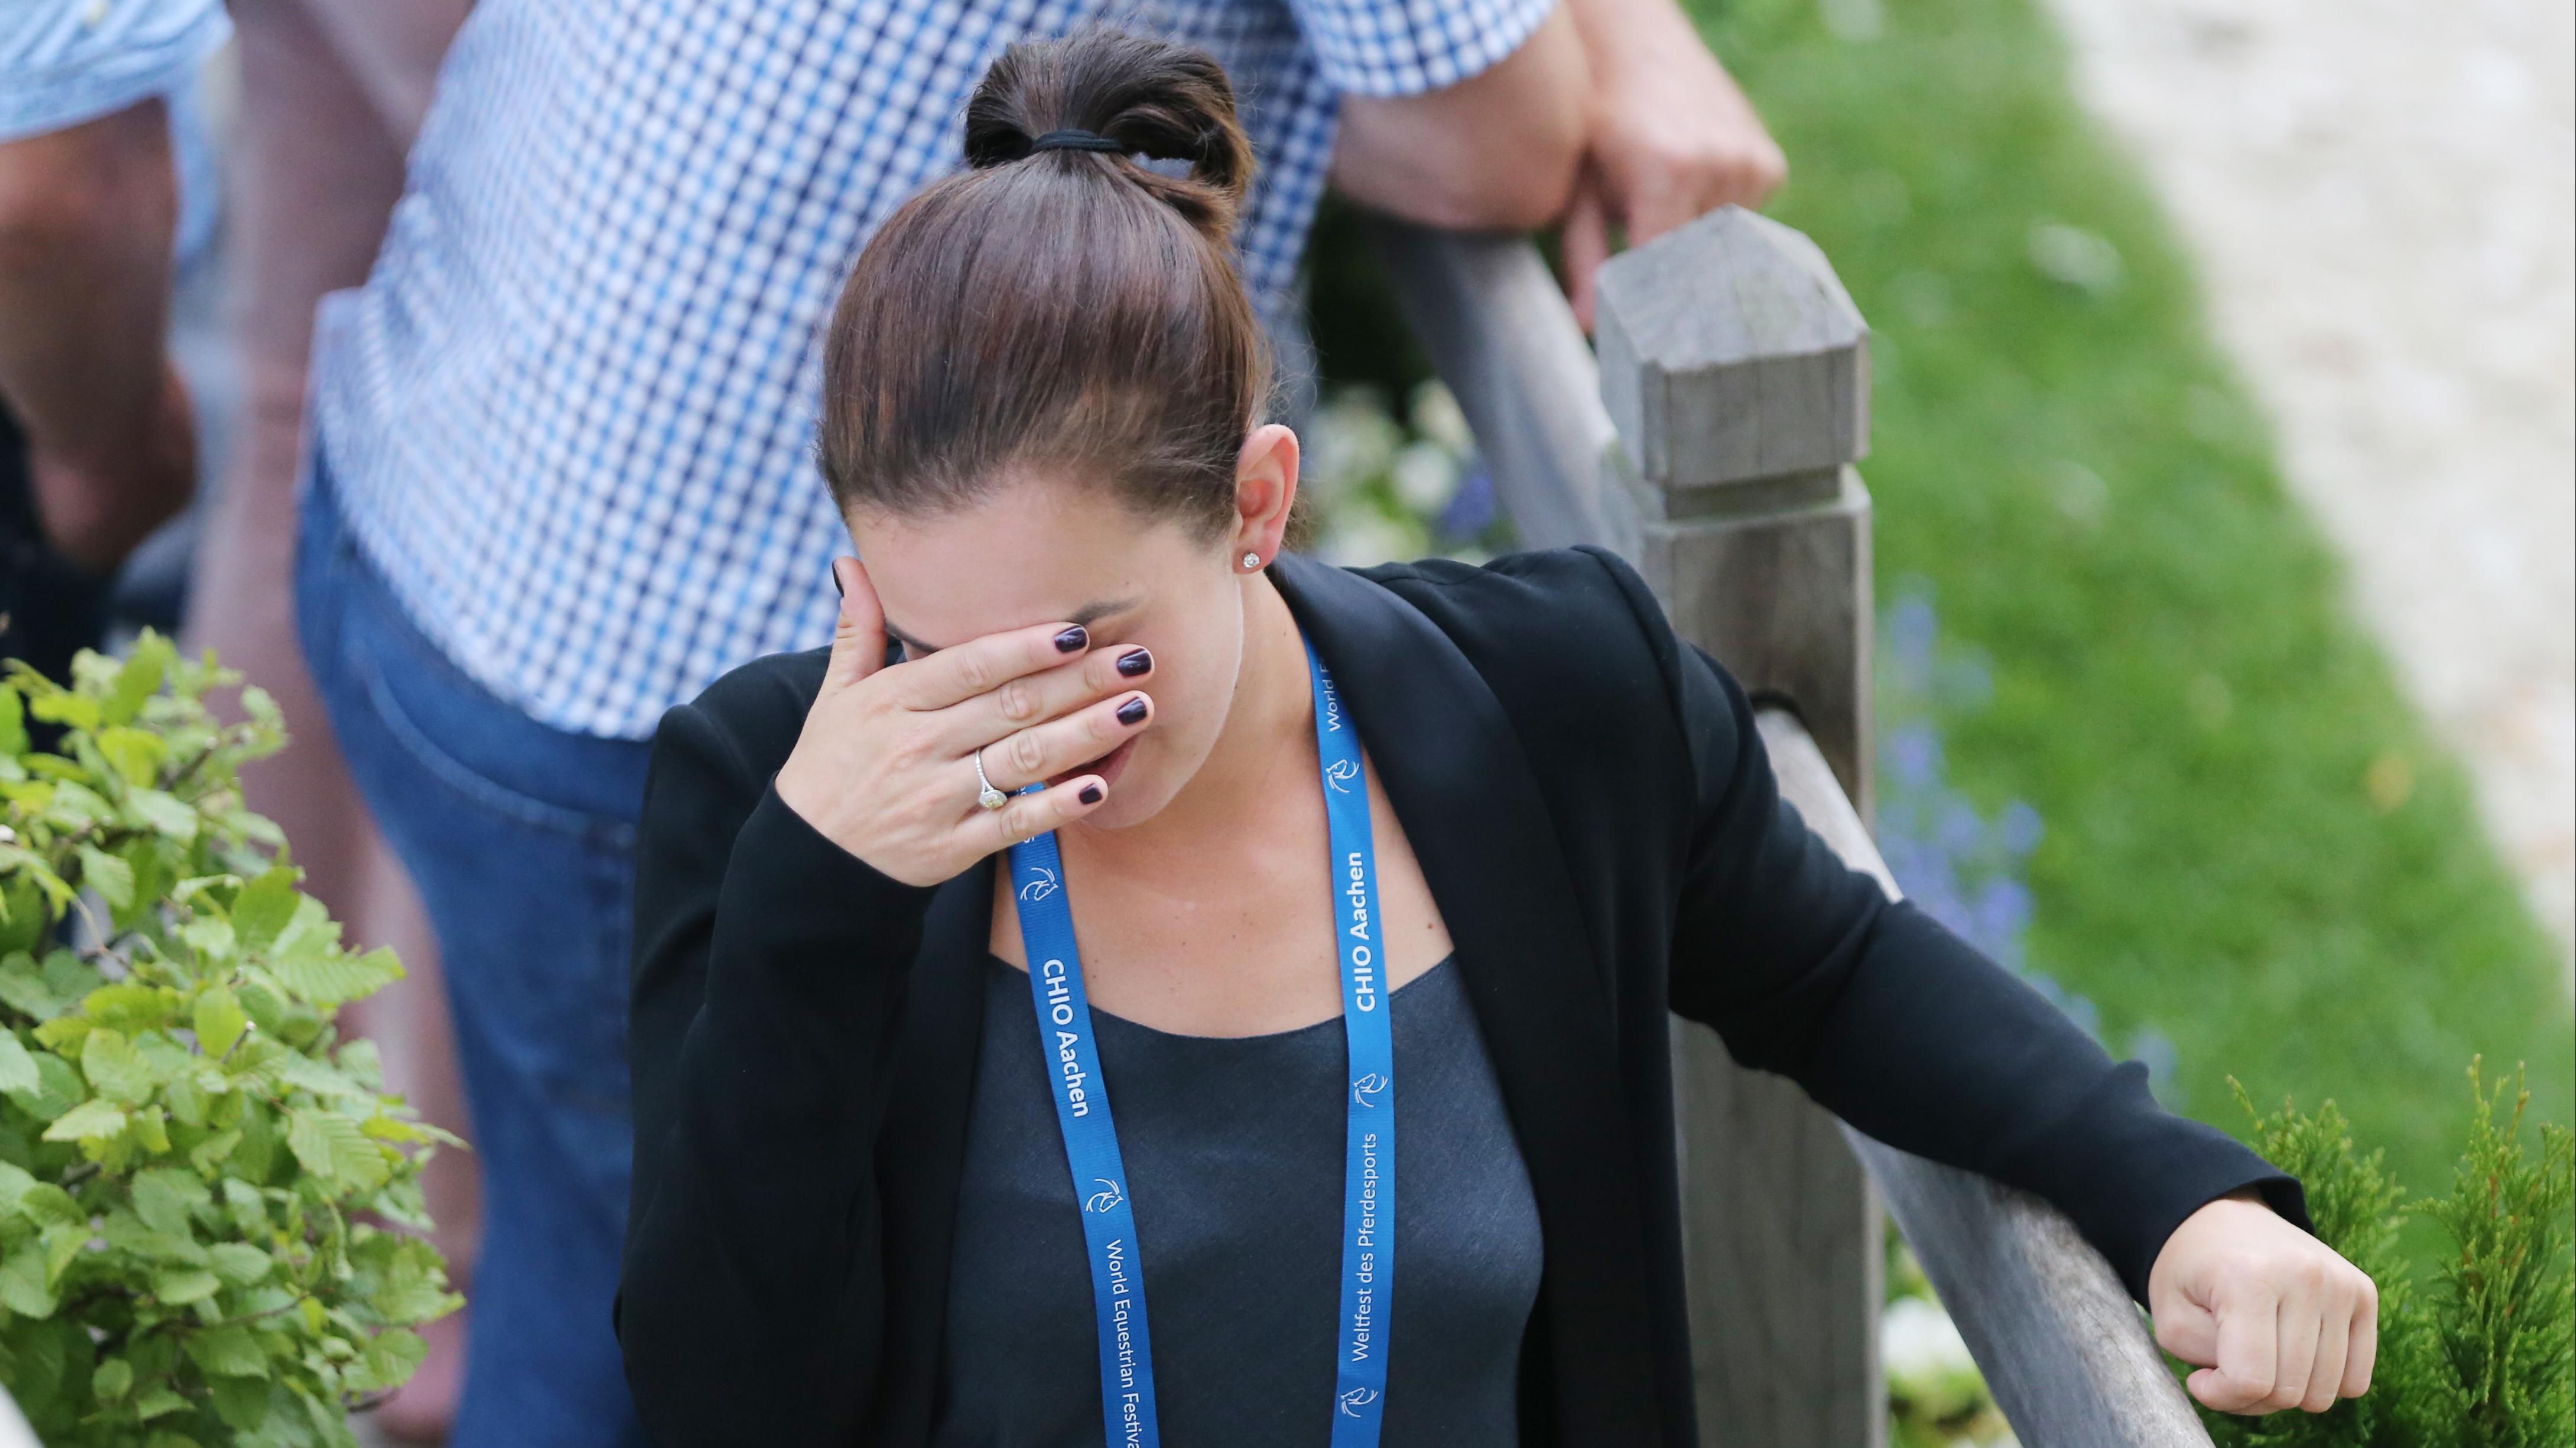 Lisa Müller, Ehefrau des Fußballers Thomas Müller